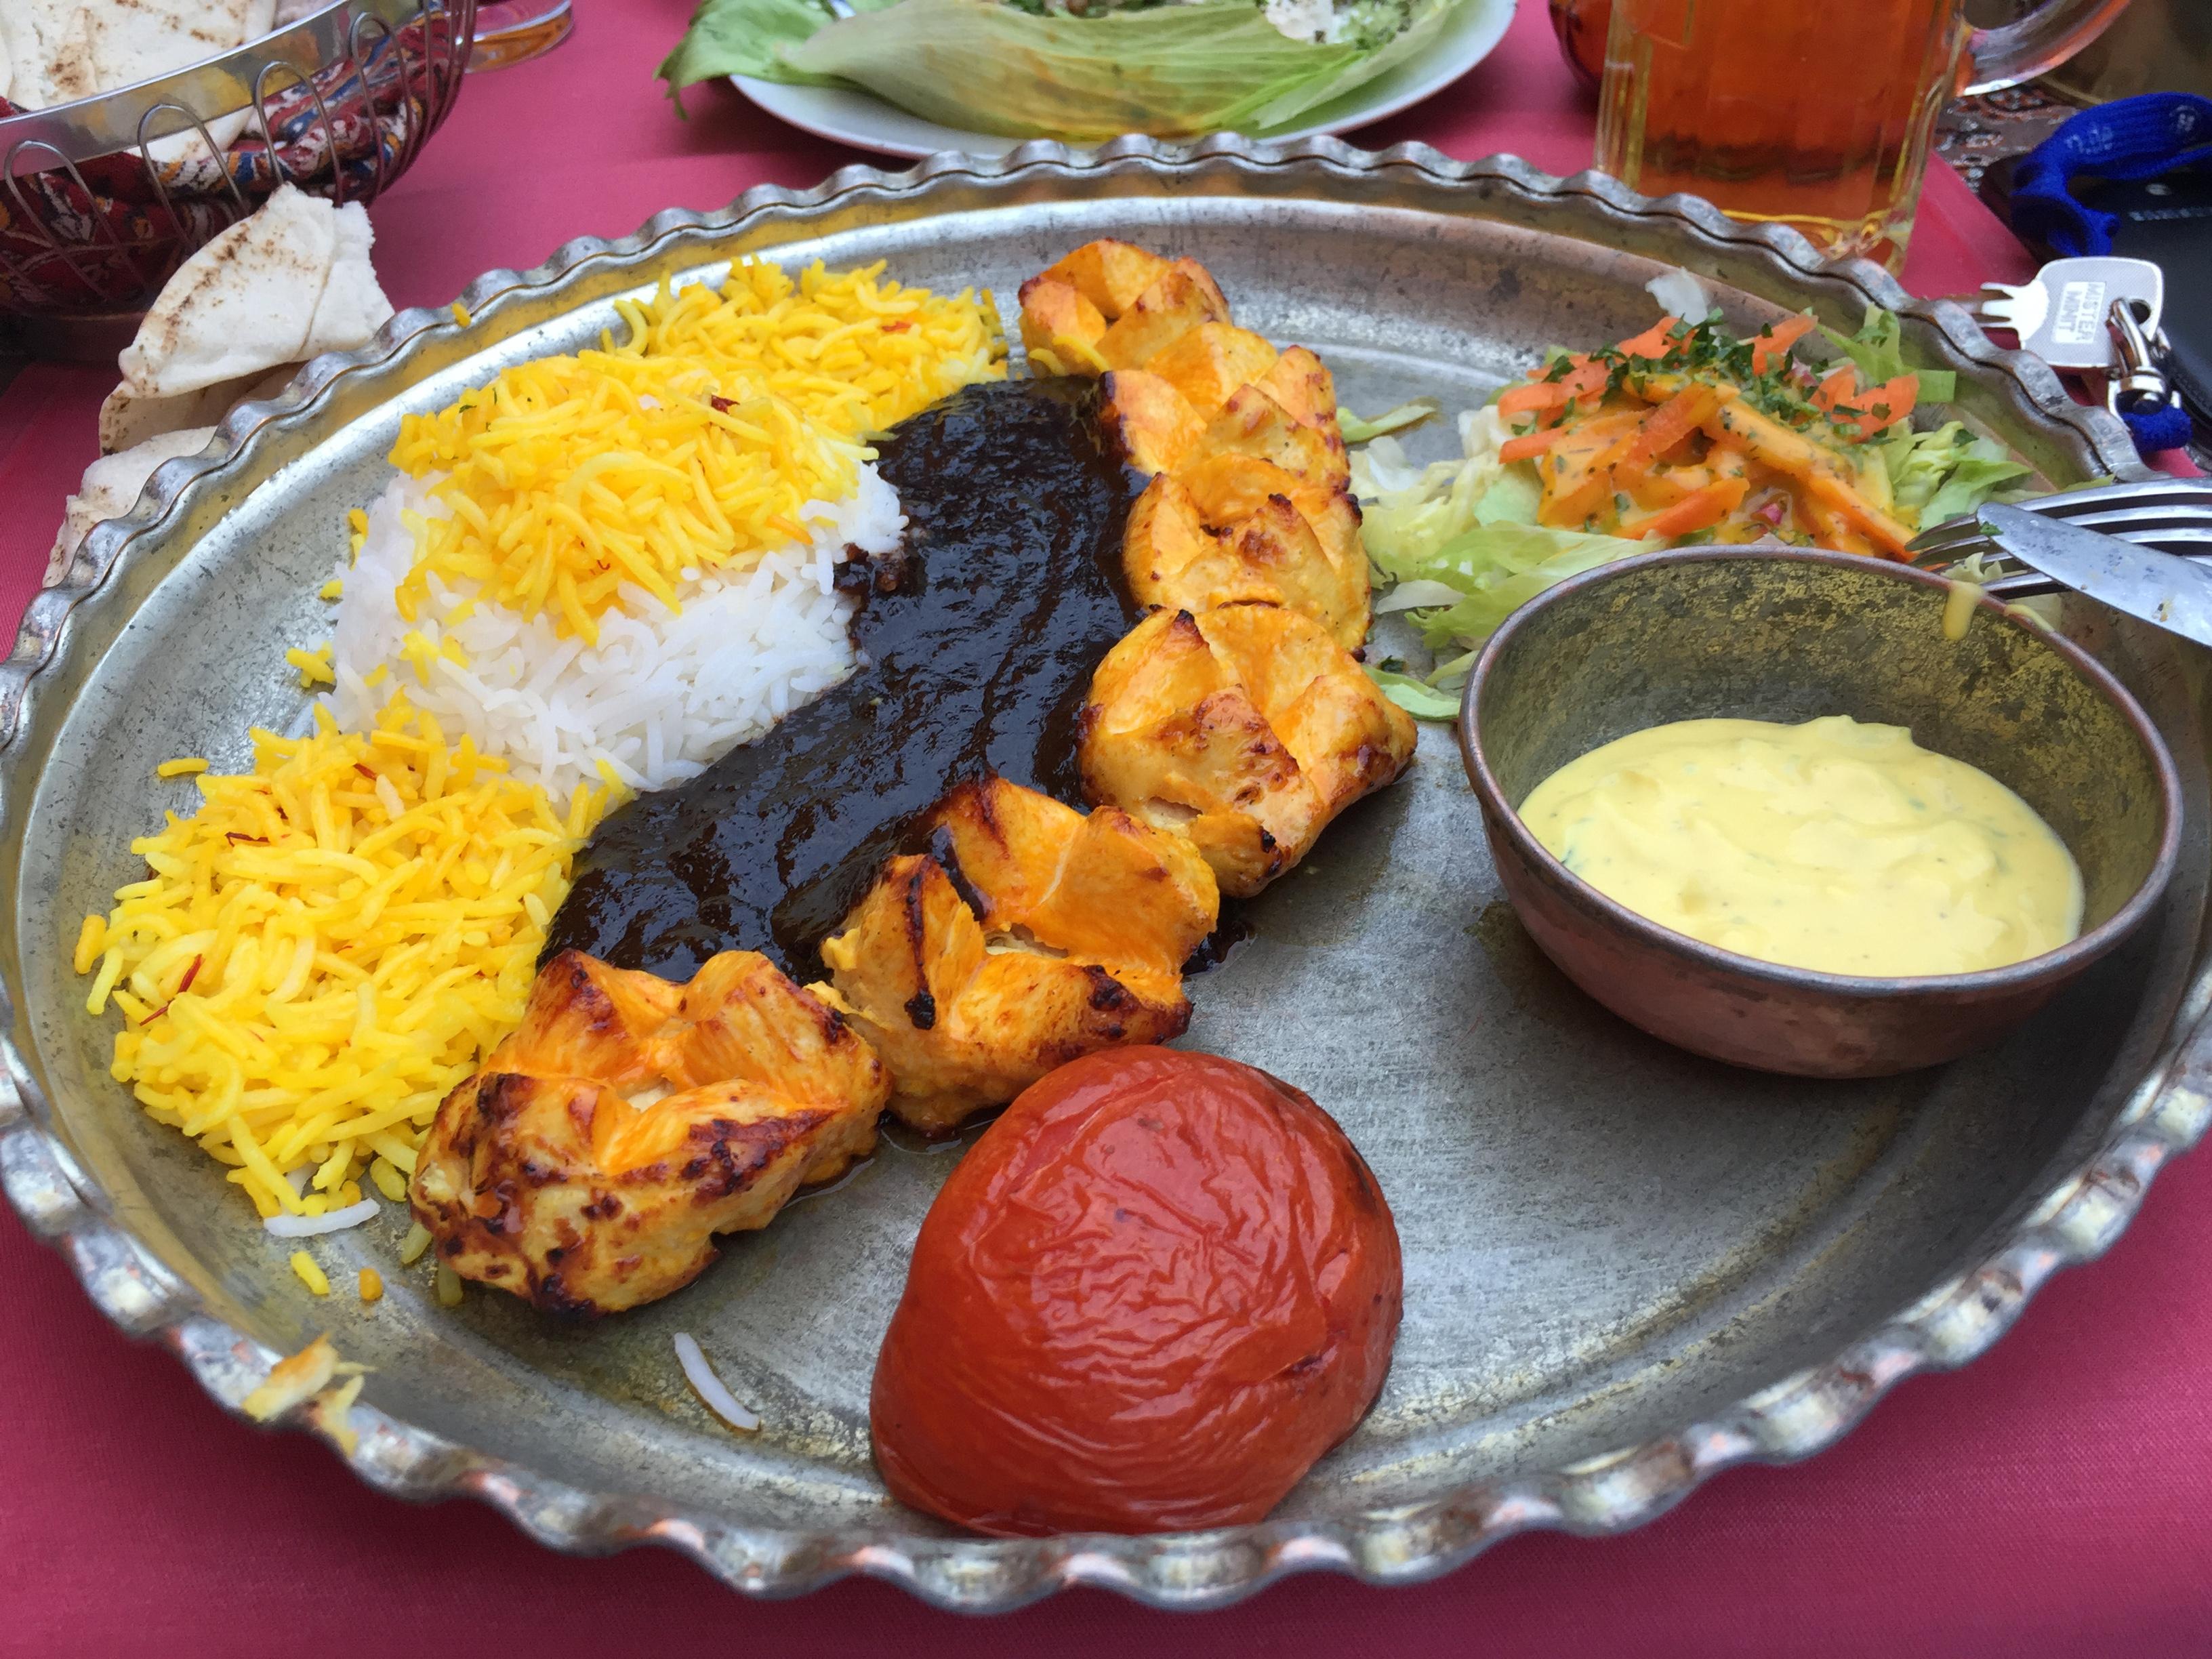 Kabab Spieß mit Hähnchenfleisch, Duftreis und Tomate.